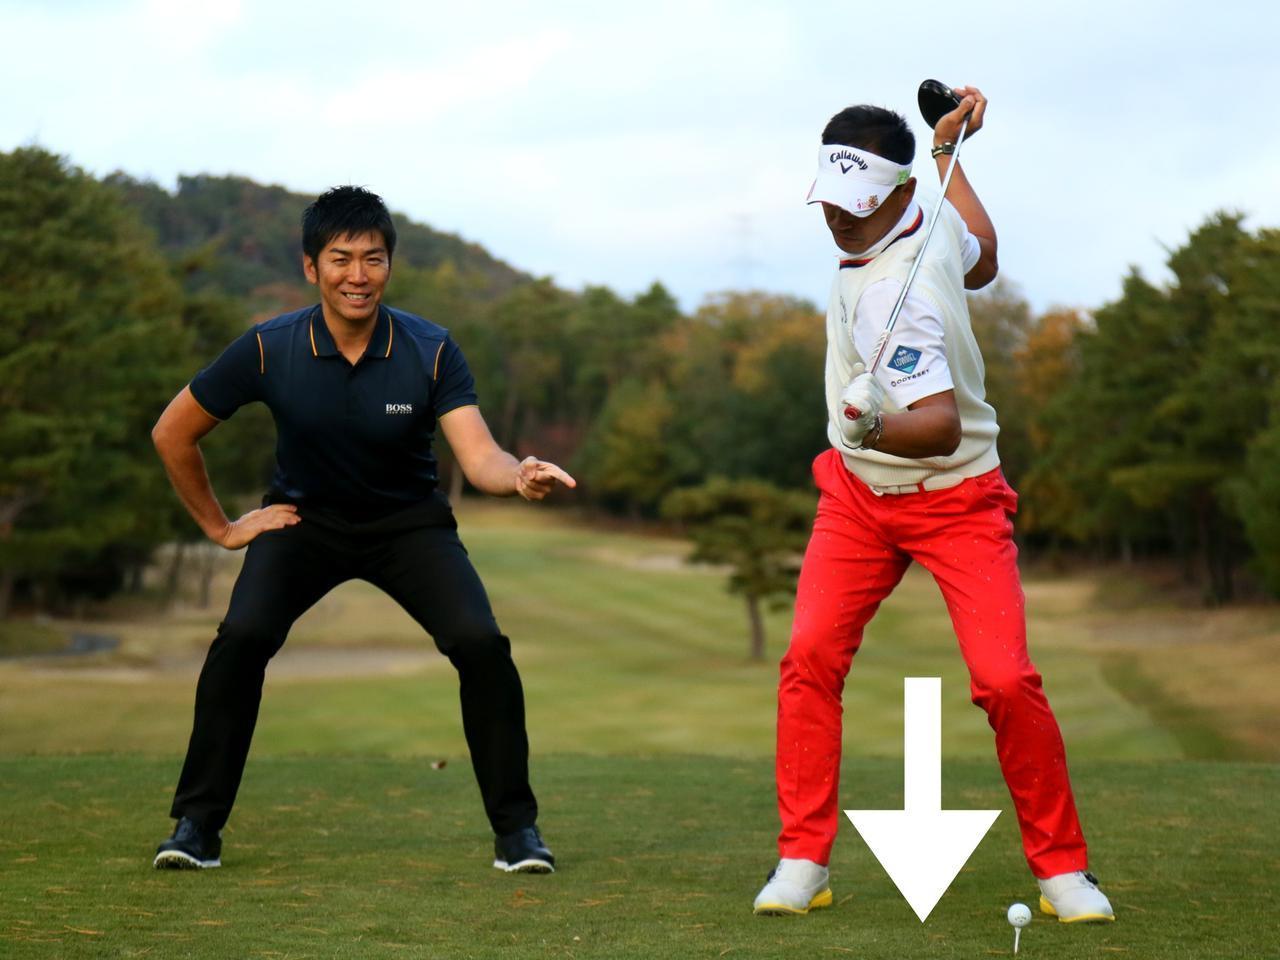 画像: 上半身はトップのまま、スクワットするように下半身を沈み込ませる。「つまり、地面を強く踏んでいるわkです」(吉田)